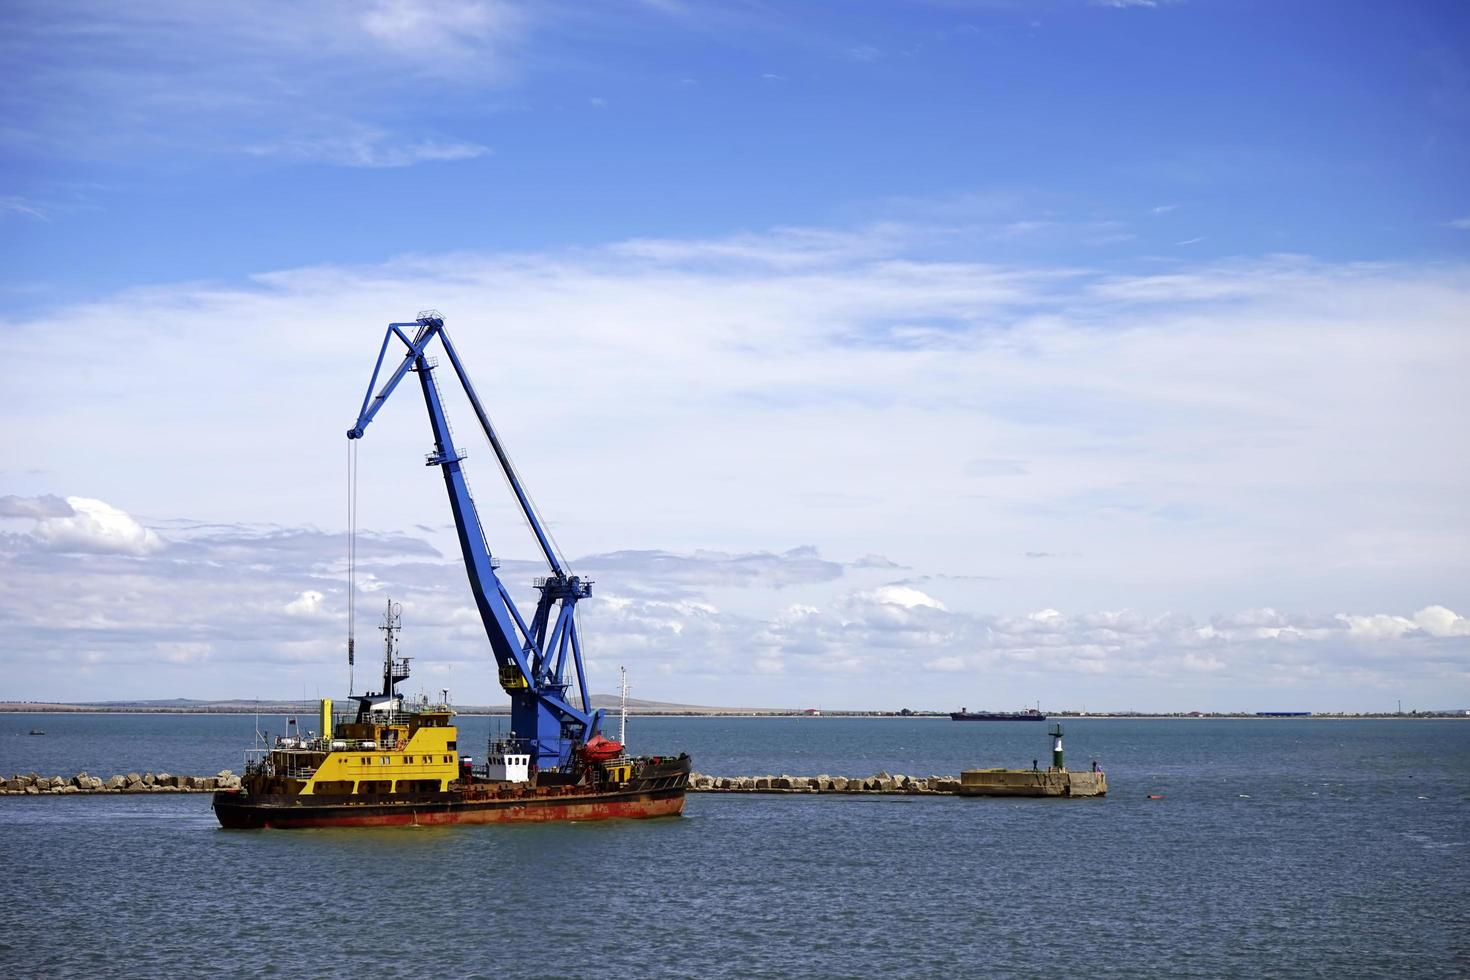 paysage marin avec vue sur la grue flottante photo